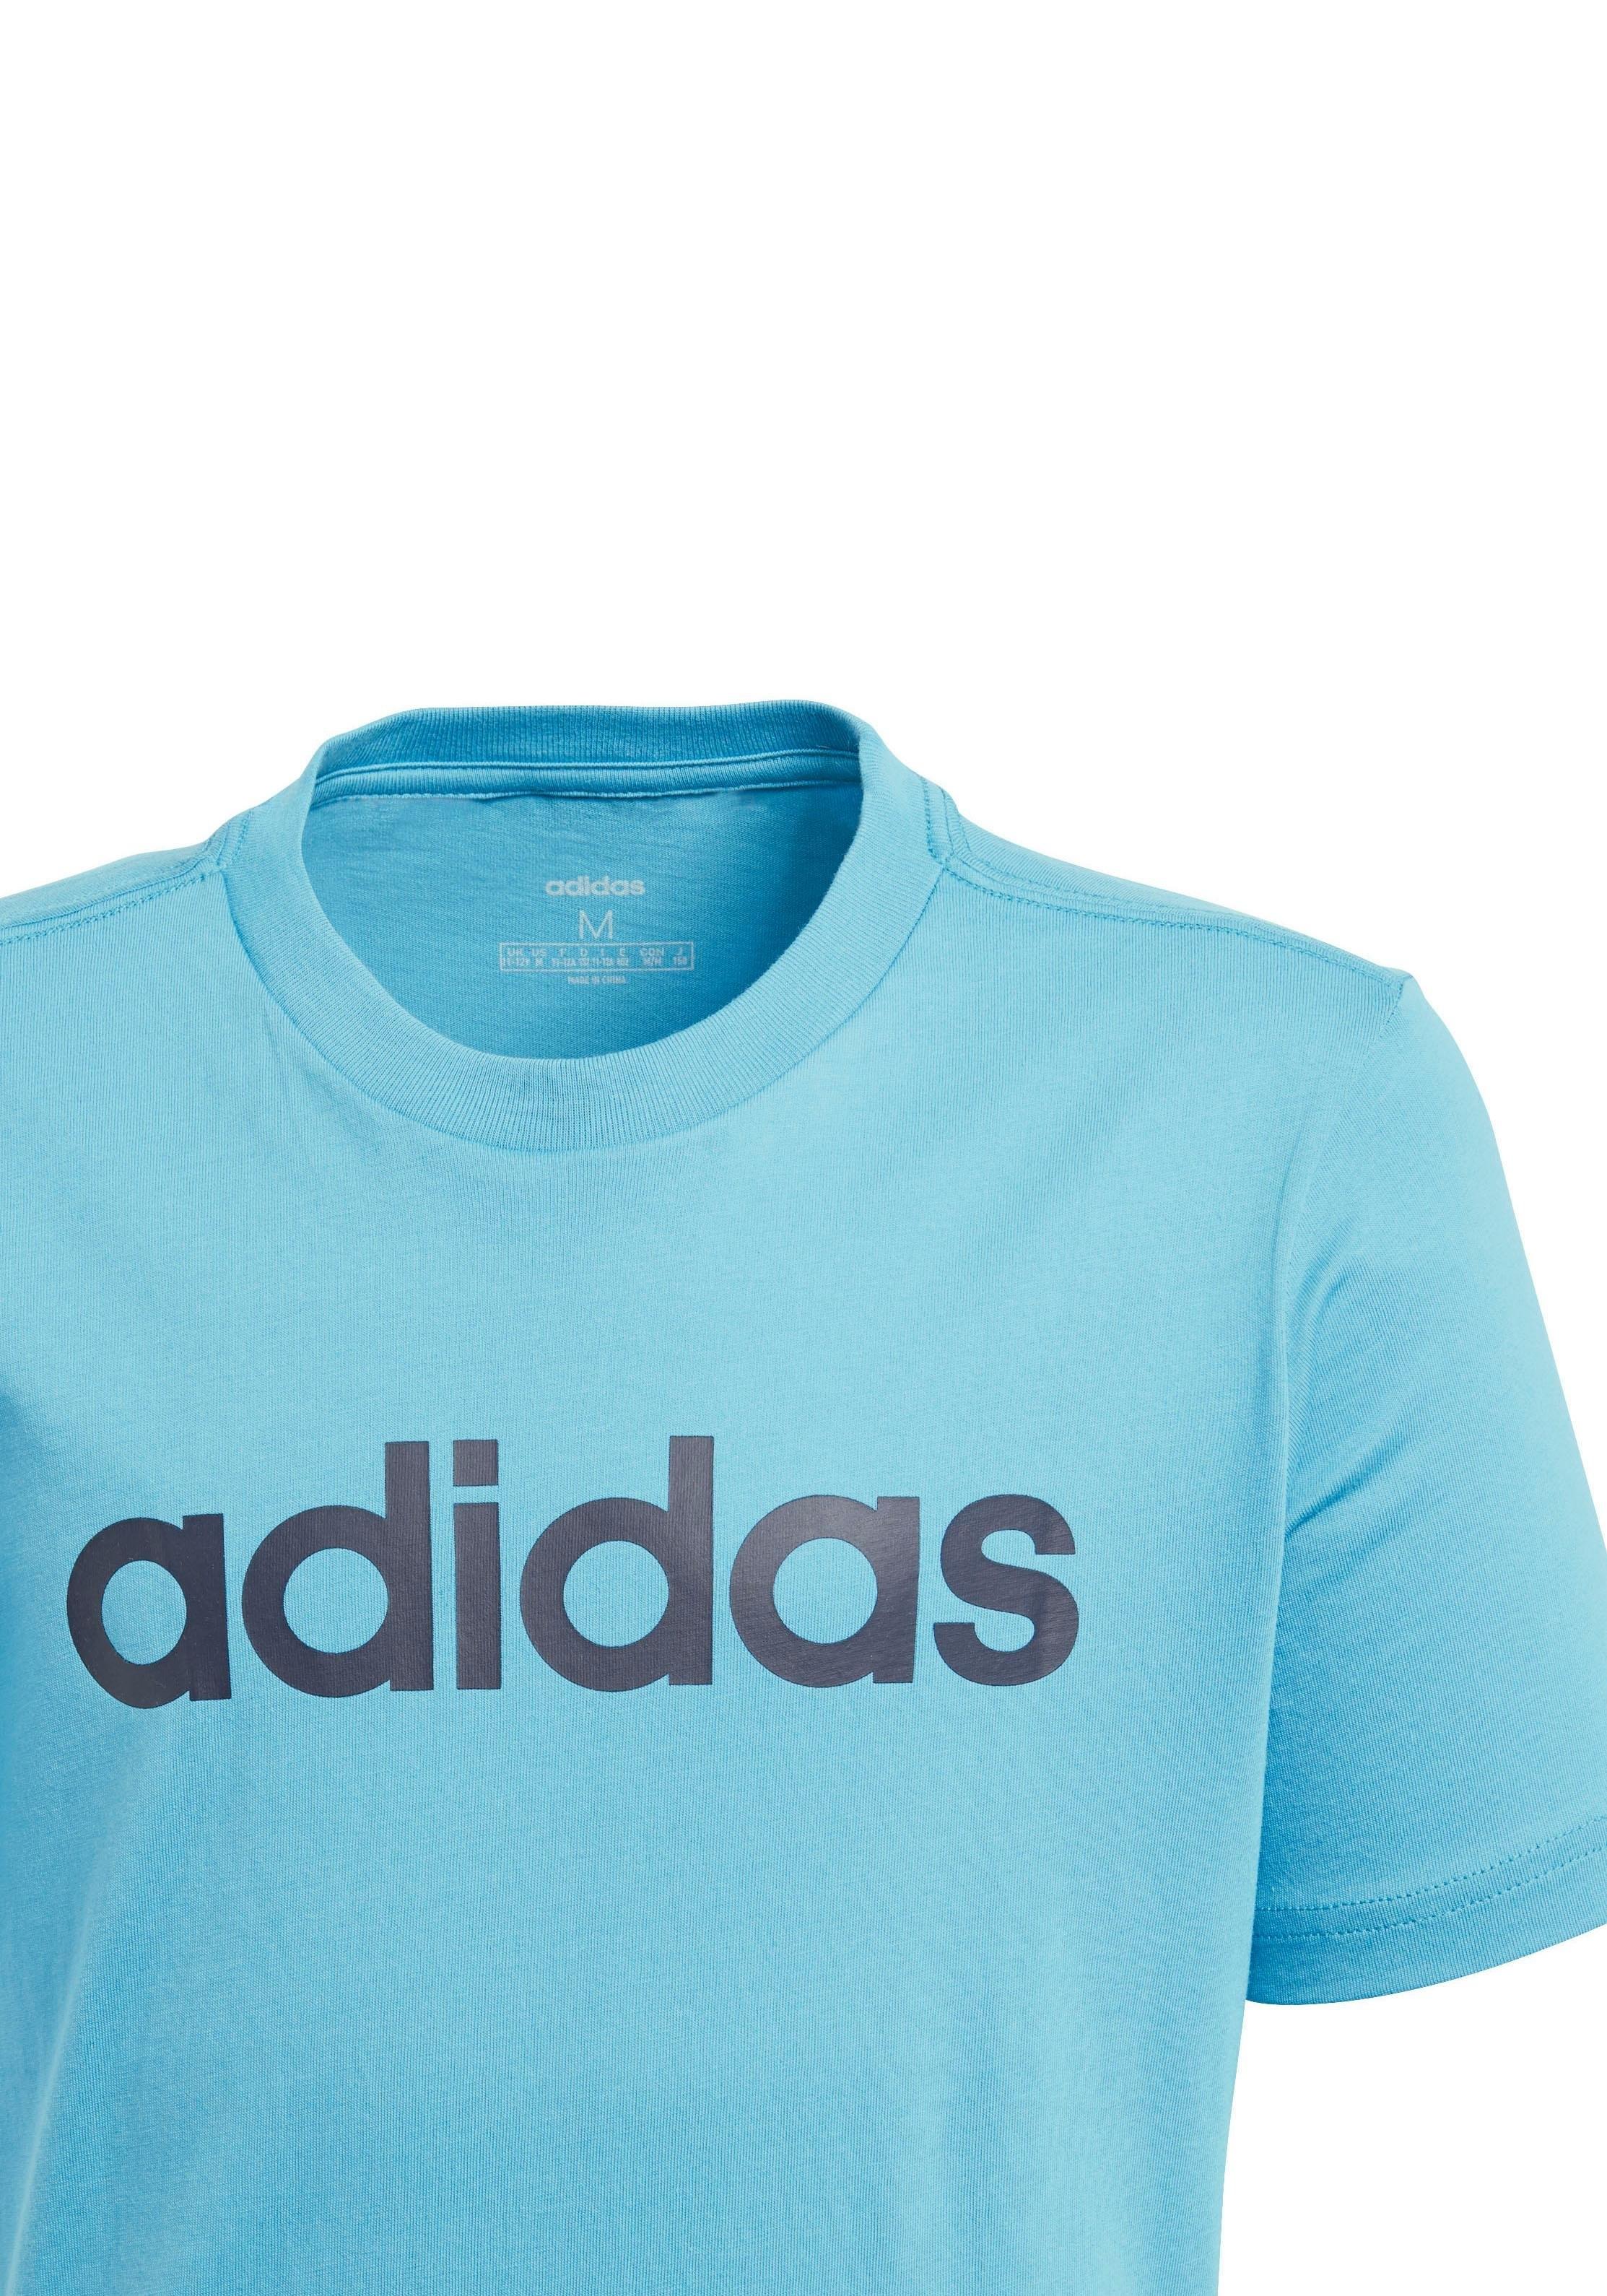 adidas Performance T-shirt »E LINEAR TEE« nu online kopen bij OTTO